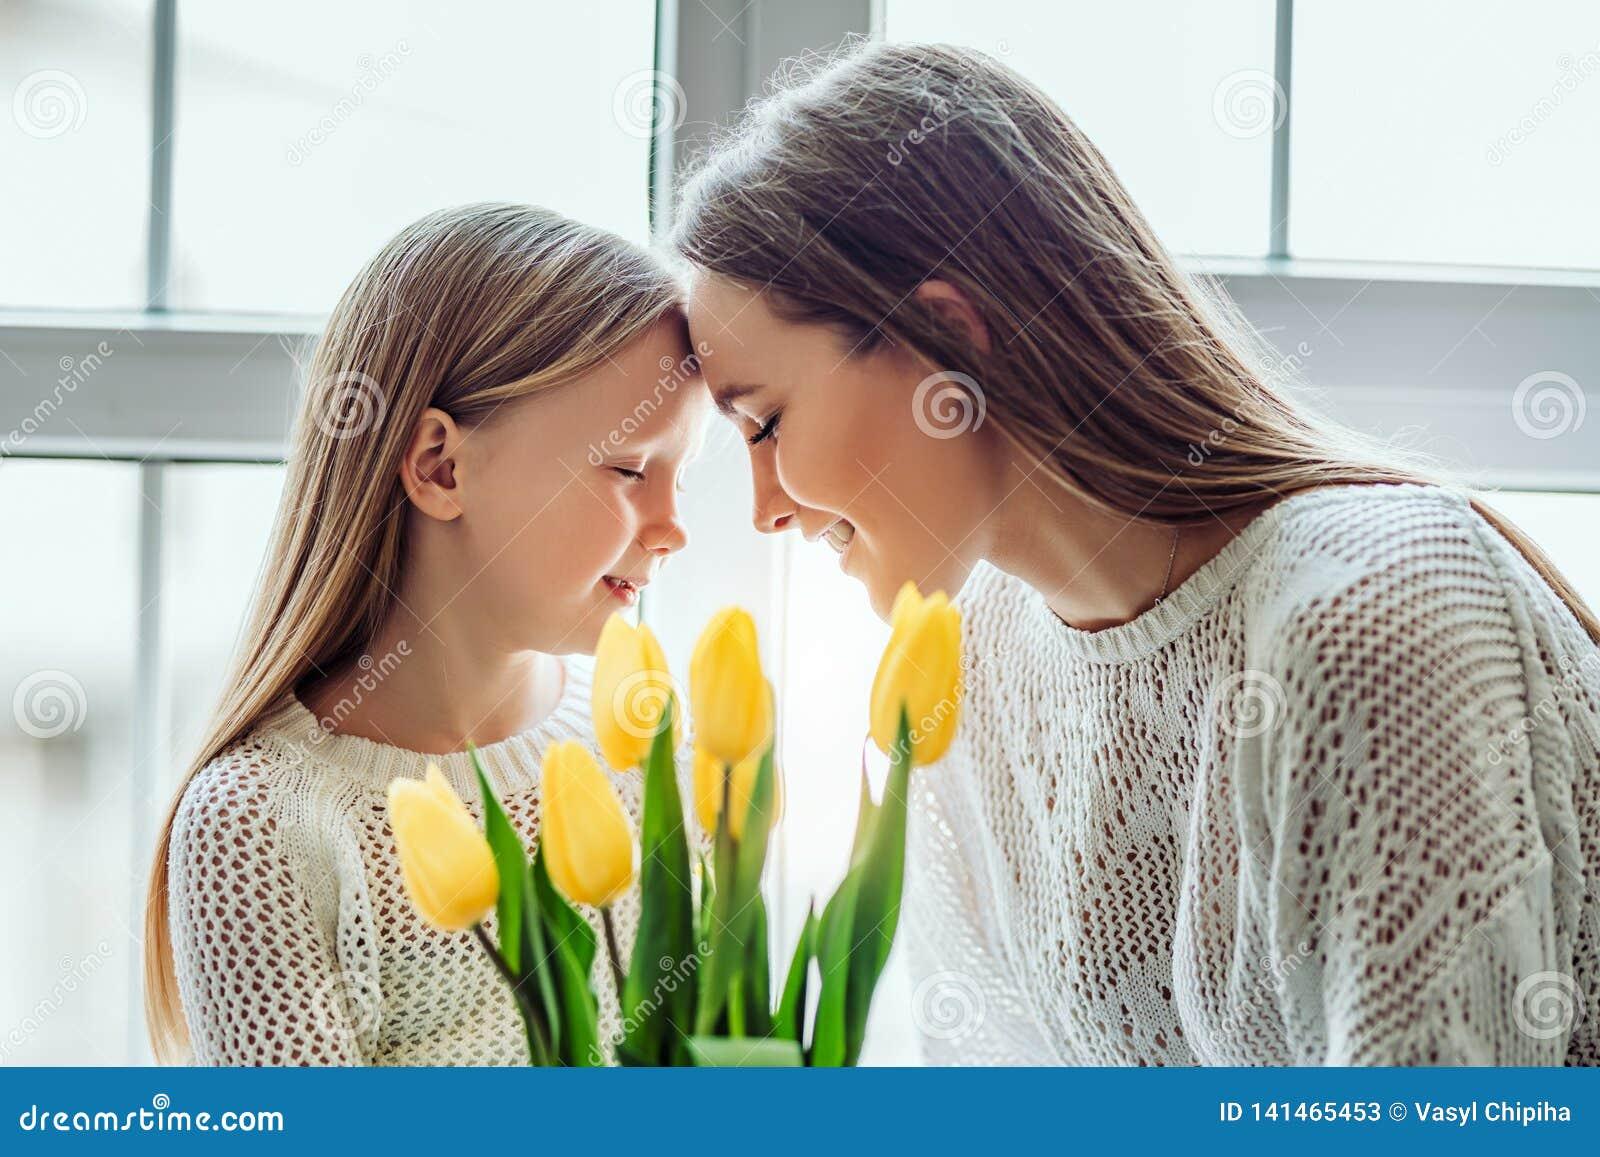 Θα σας φροντίσω πάντα Νέα μητέρα και η κόρη της που βάζουν τα κεφάλια τους μαζί κρατώντας τις προσοχές τους ιδιαίτερες